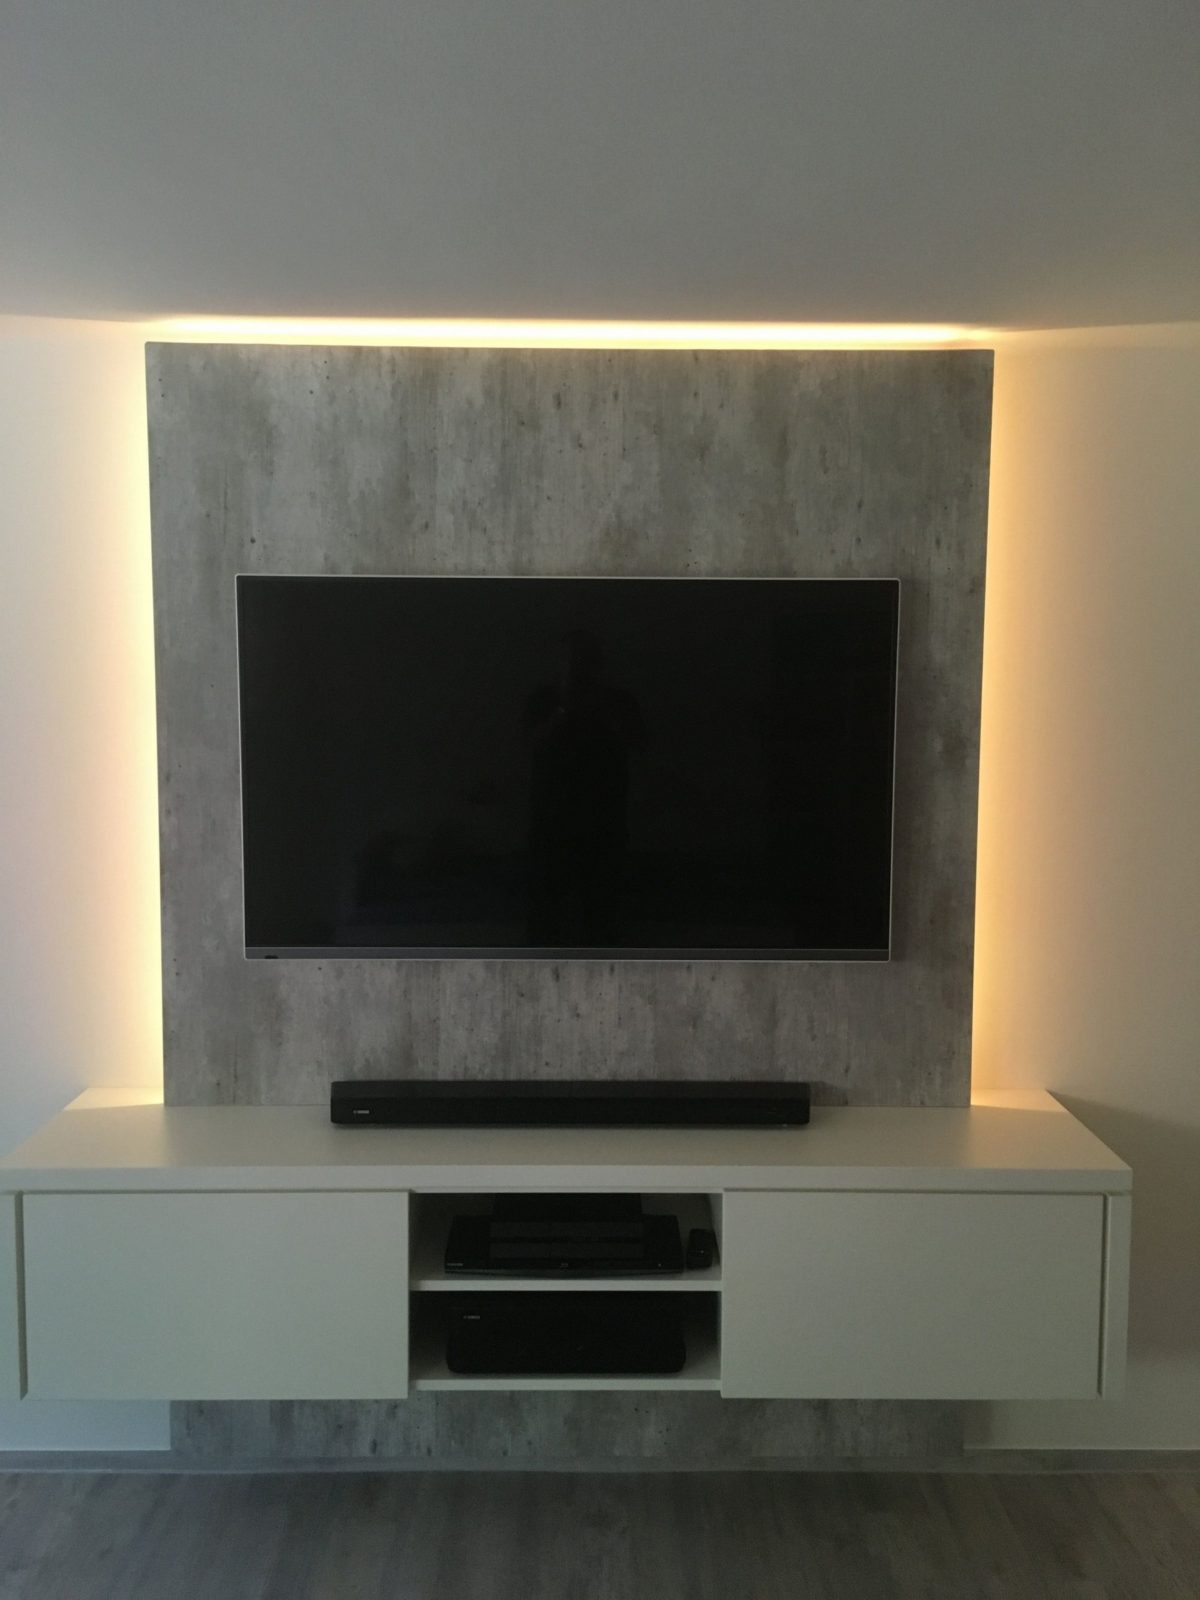 35 Moderne Tv Kabel Verstecken Wand  Ahhadesigns von Fernseher An Wand Kabel Verstecken Bild